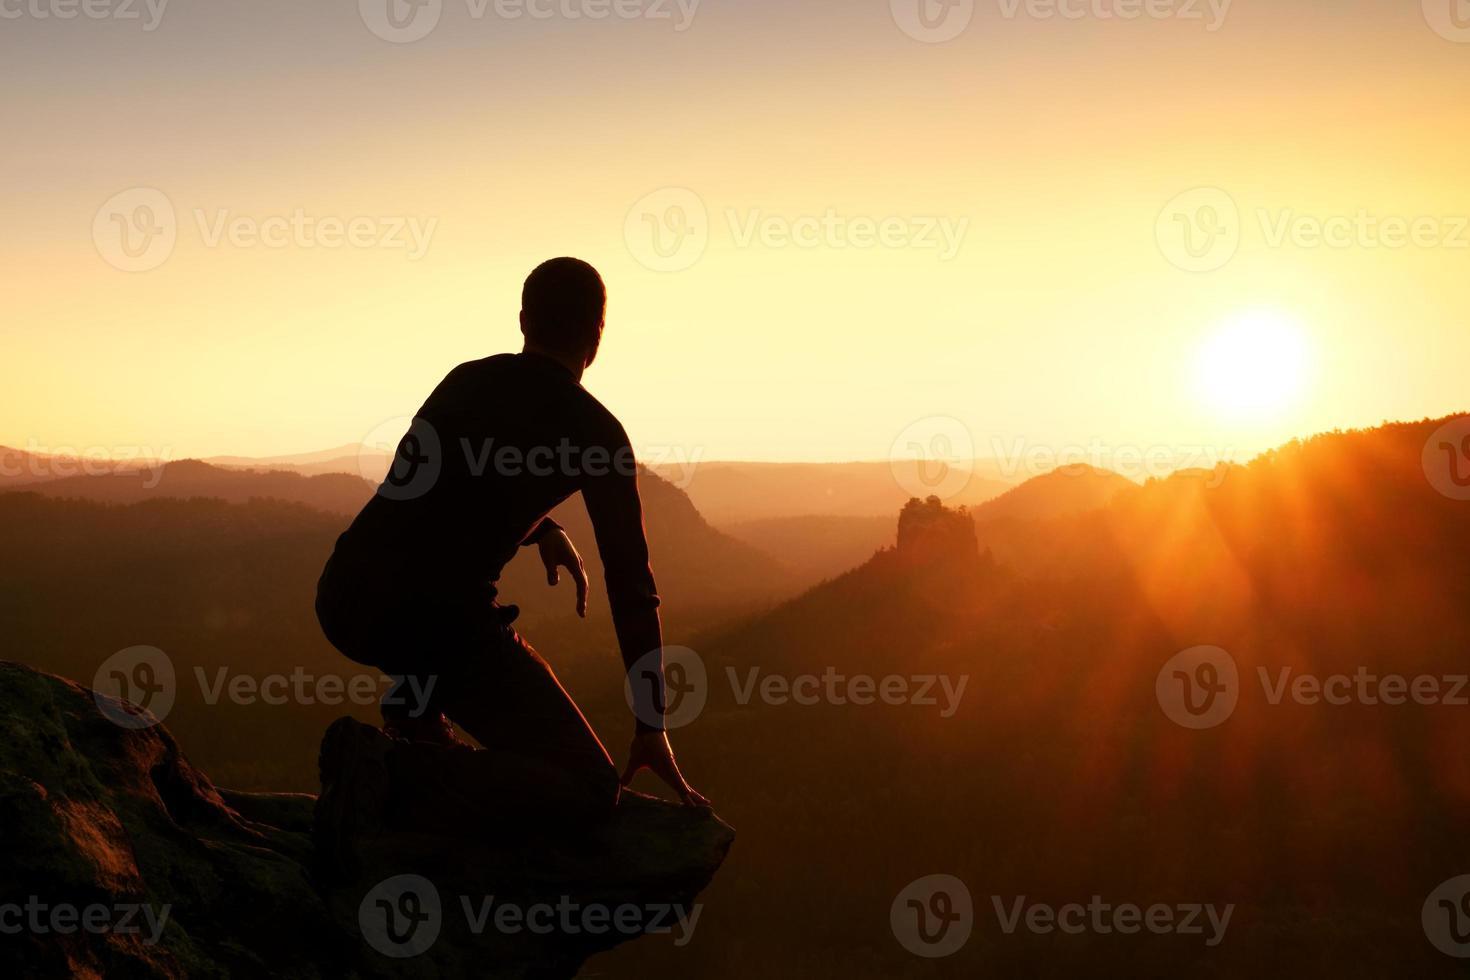 alpinista leve relaxar e apreciar o pôr do sol no horizonte. efeito vívido. foto